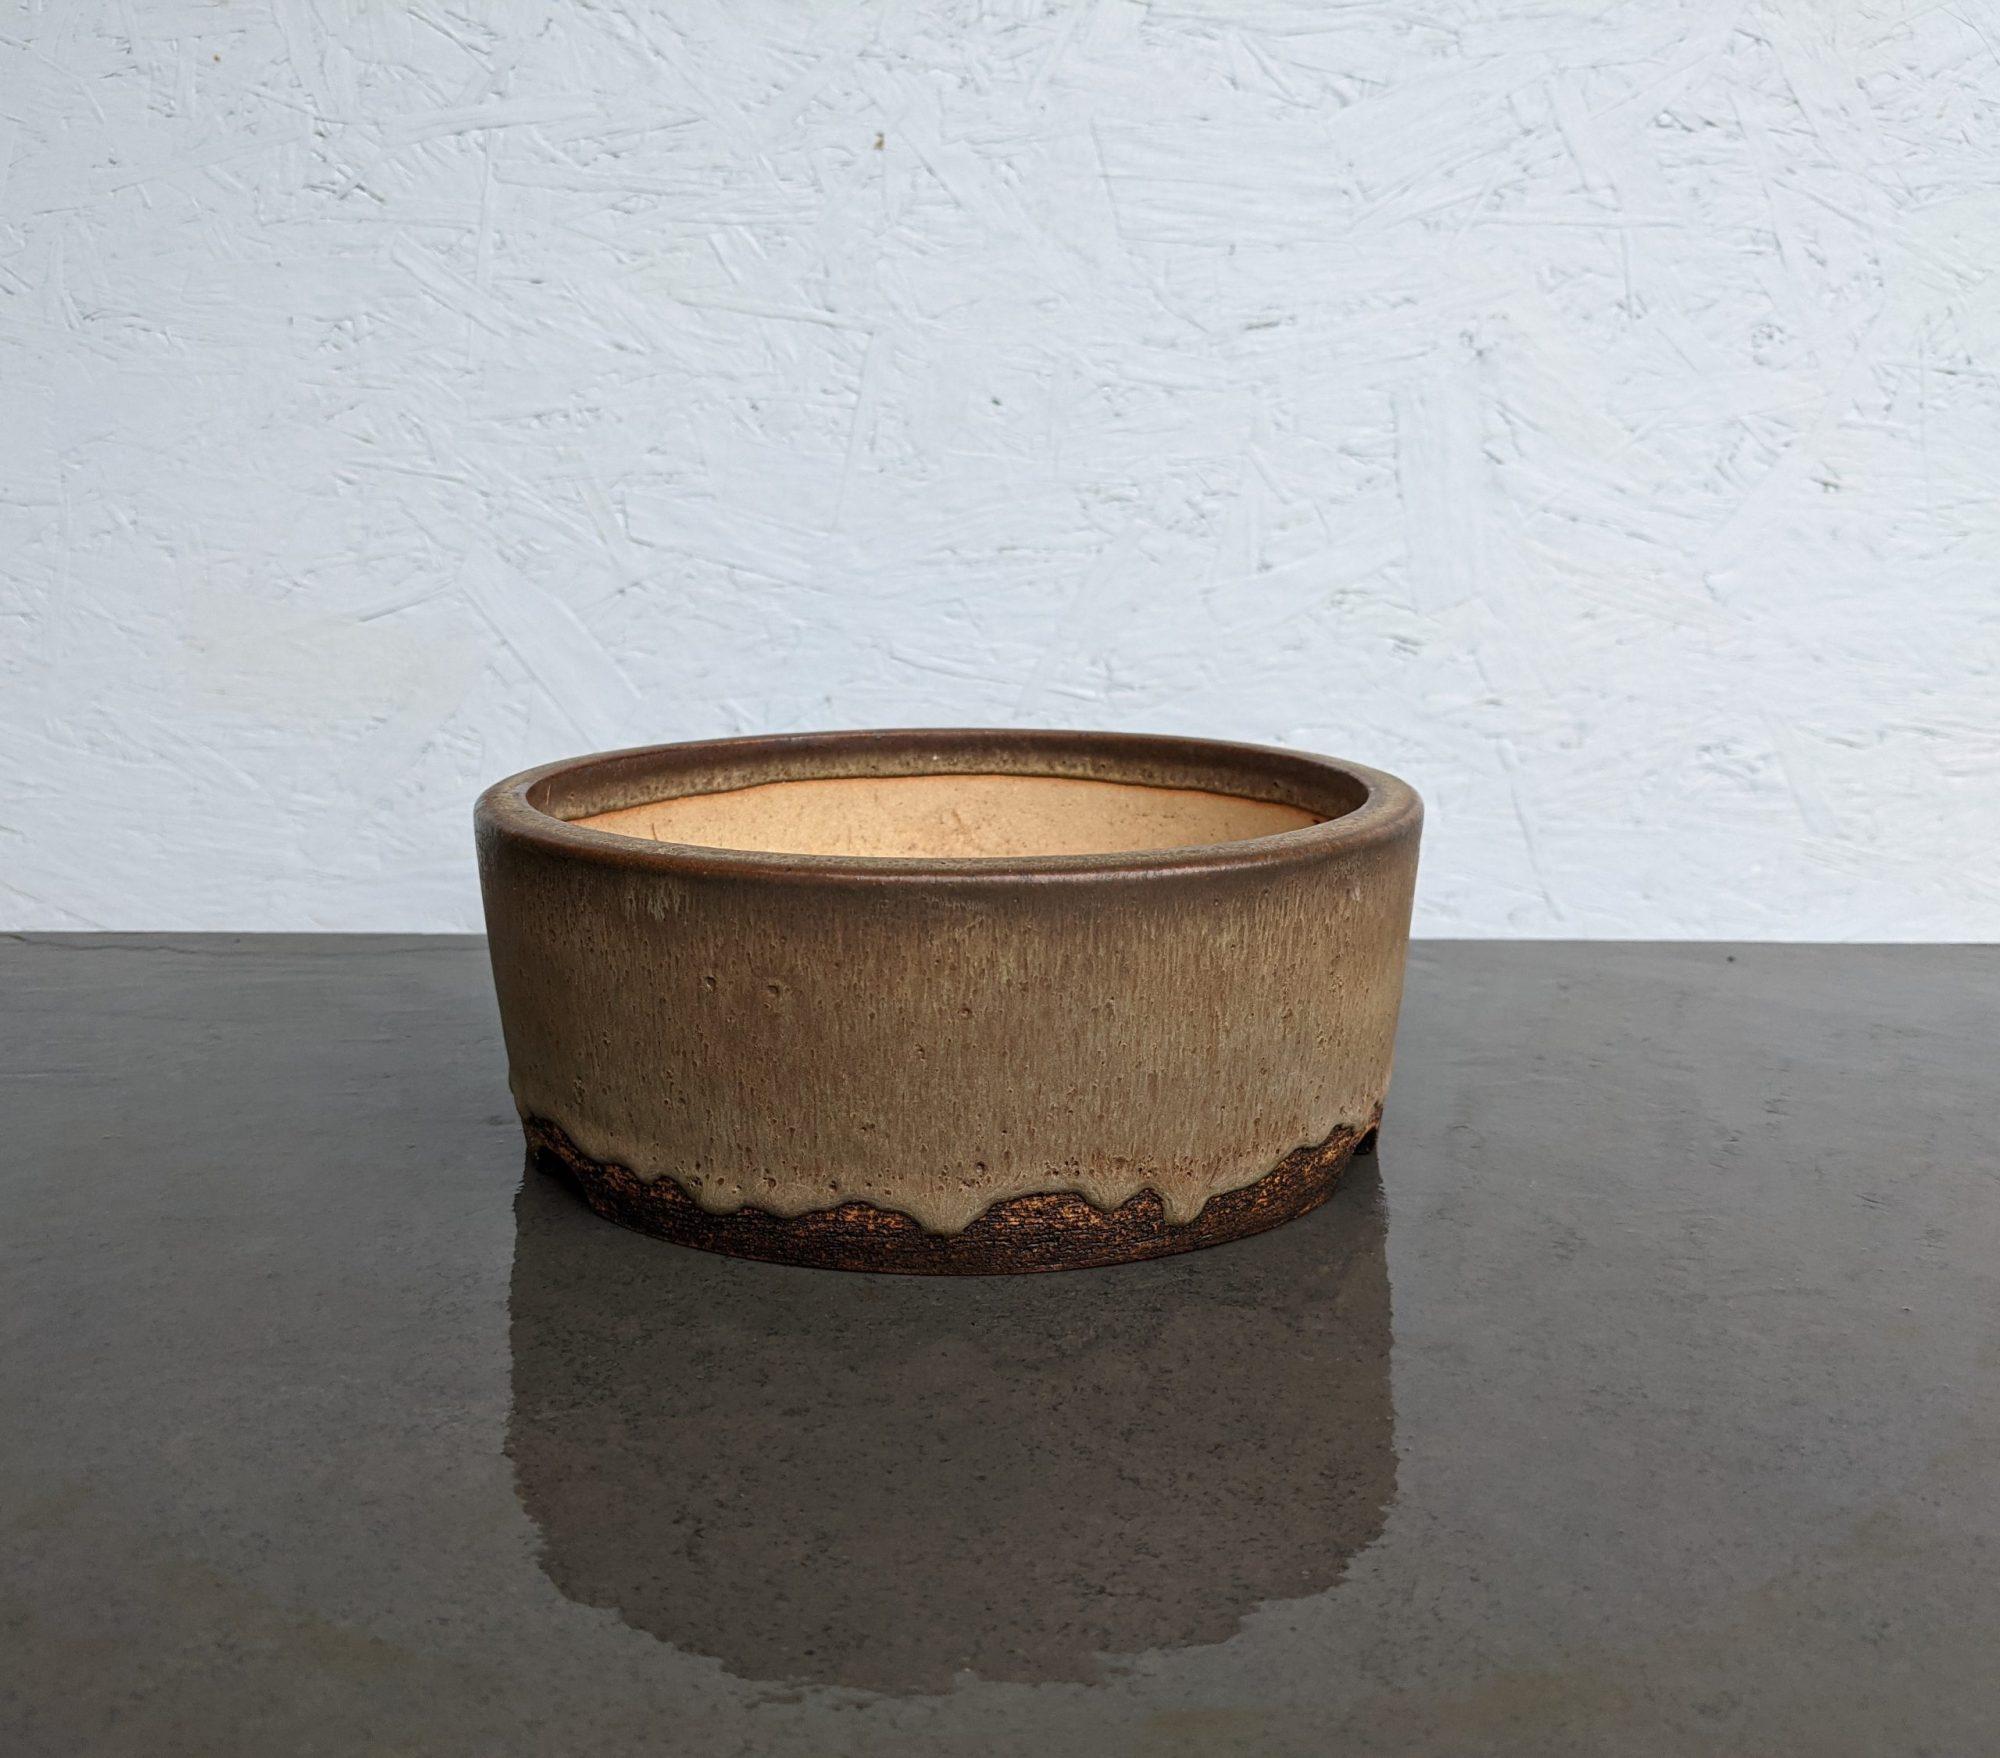 Walsall Studio Ceramics Handmade Round